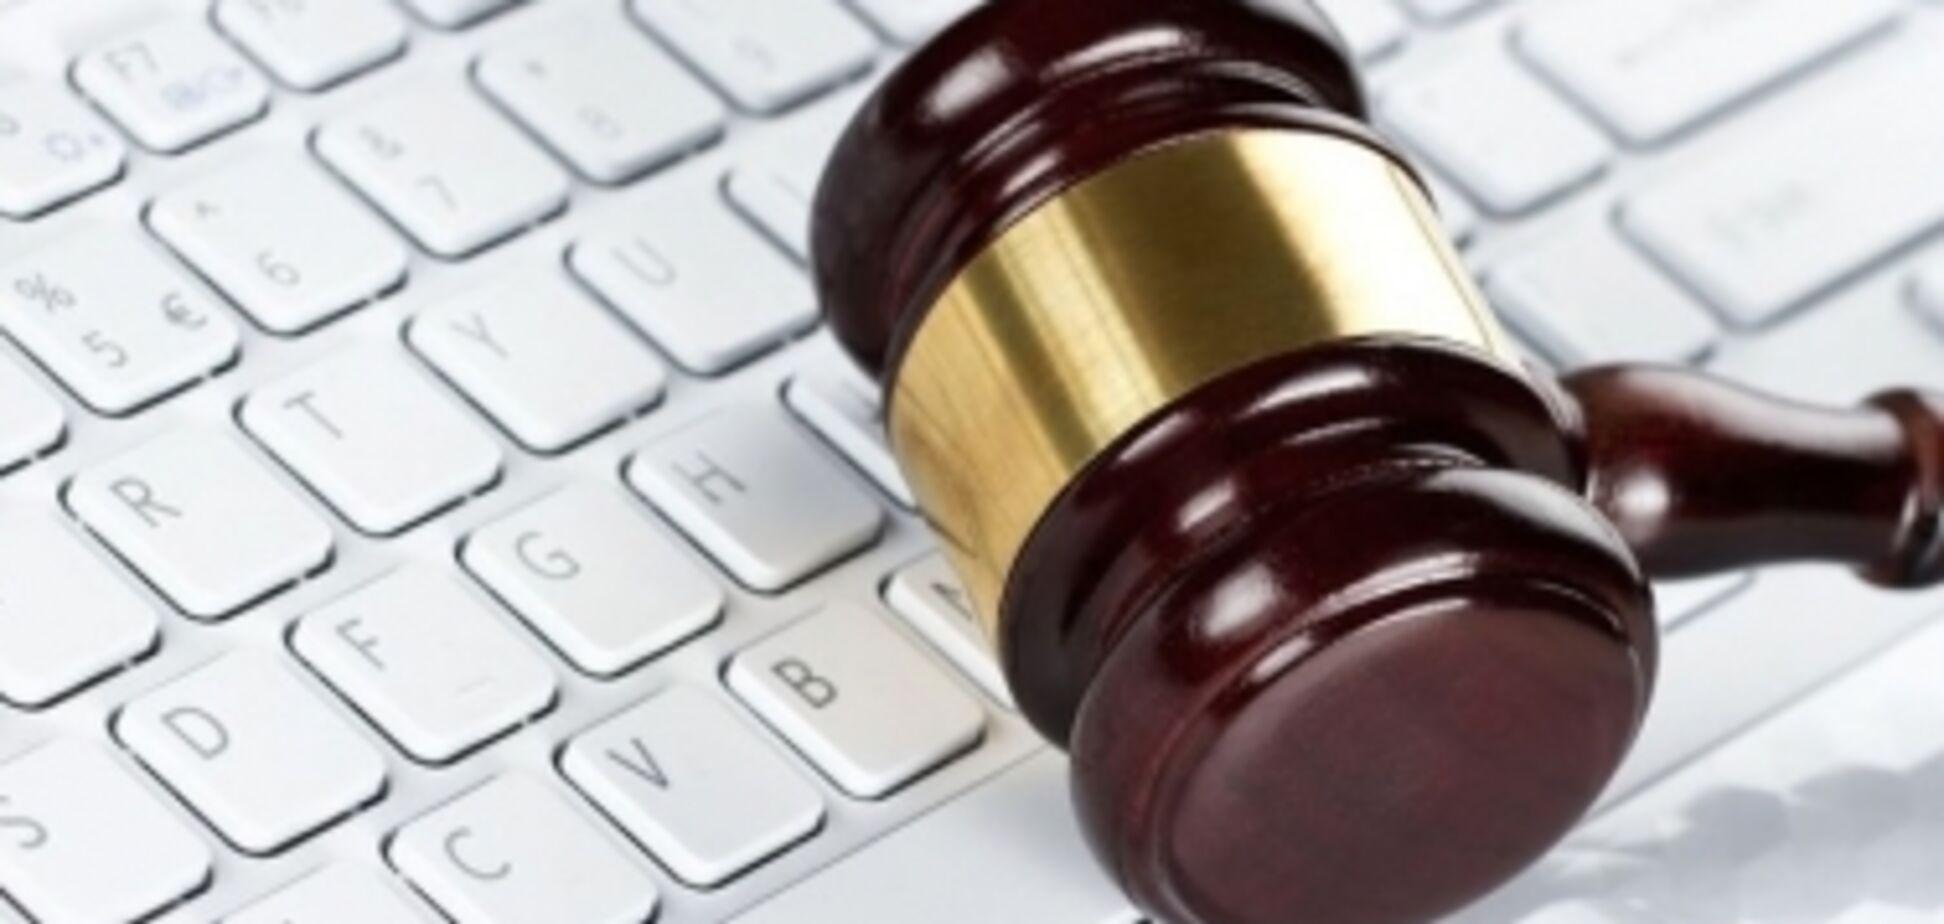 Електронні земельні торги в Україні: з'явилися перші результати